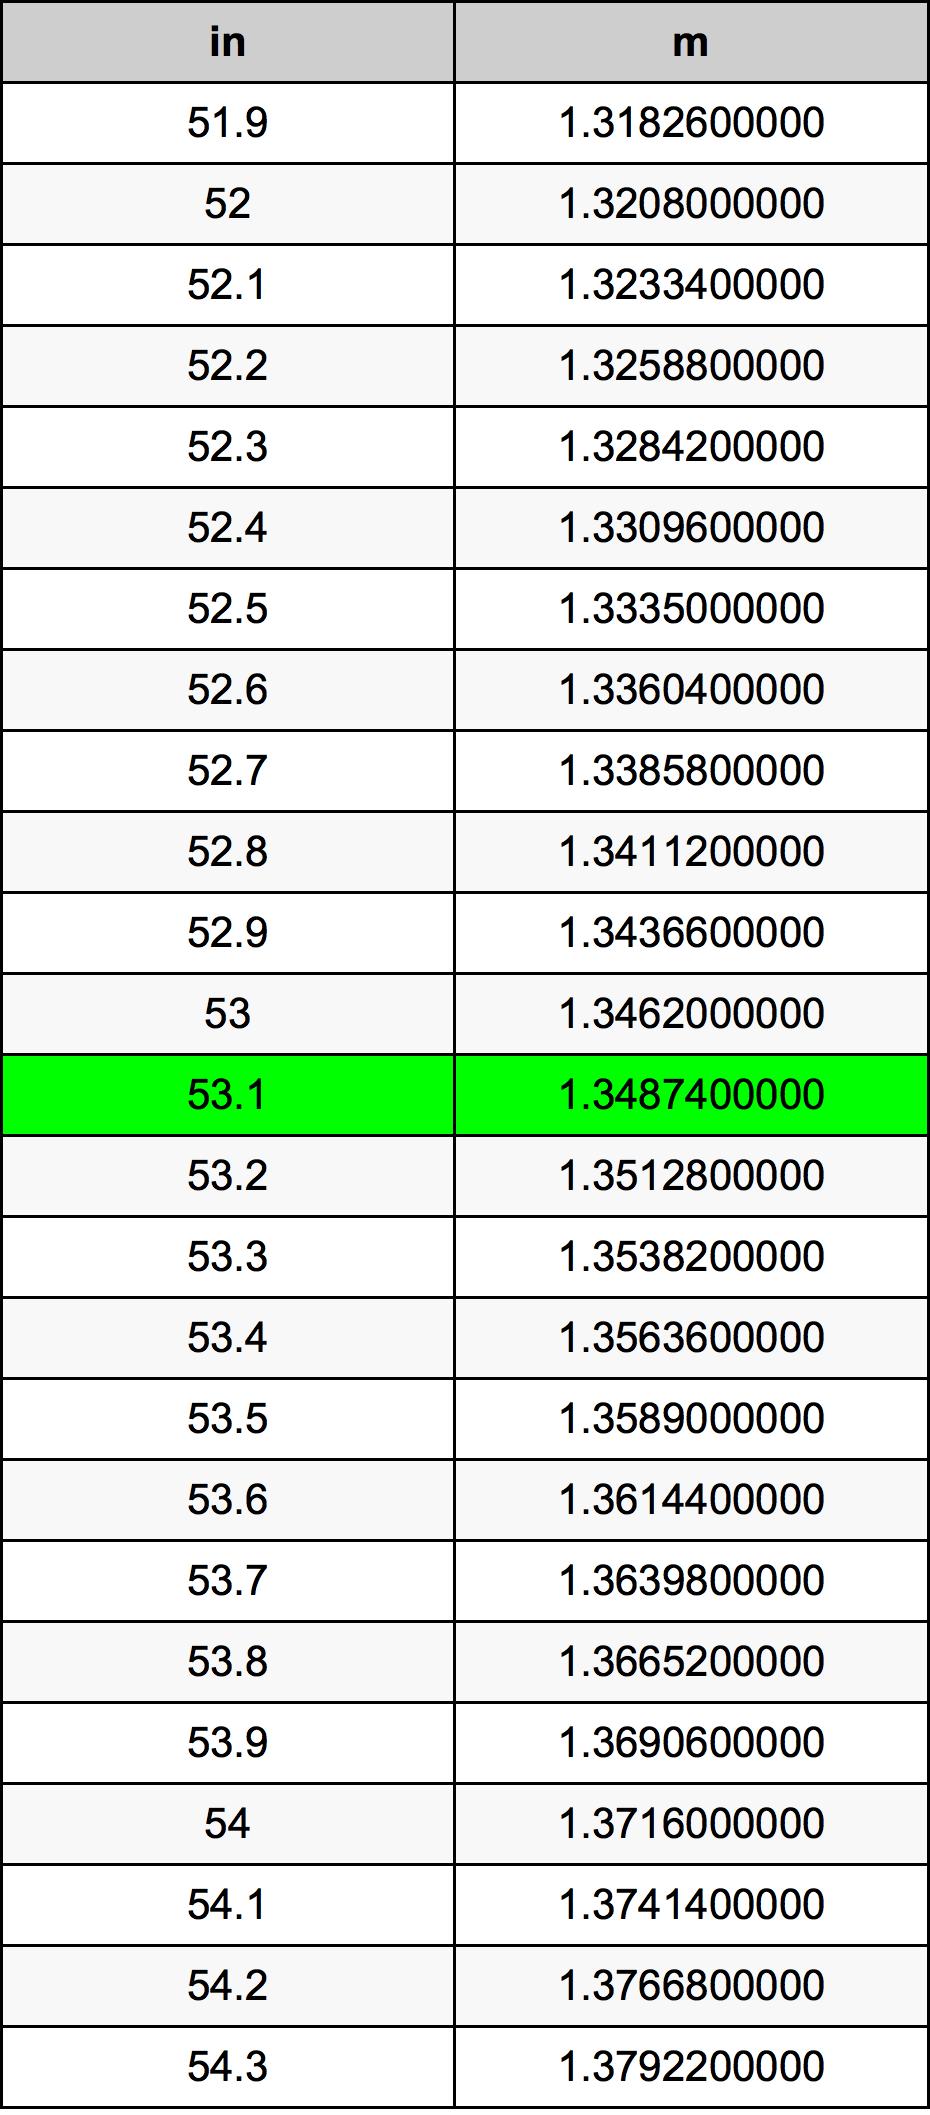 53.1 Palec prevodná tabuľka